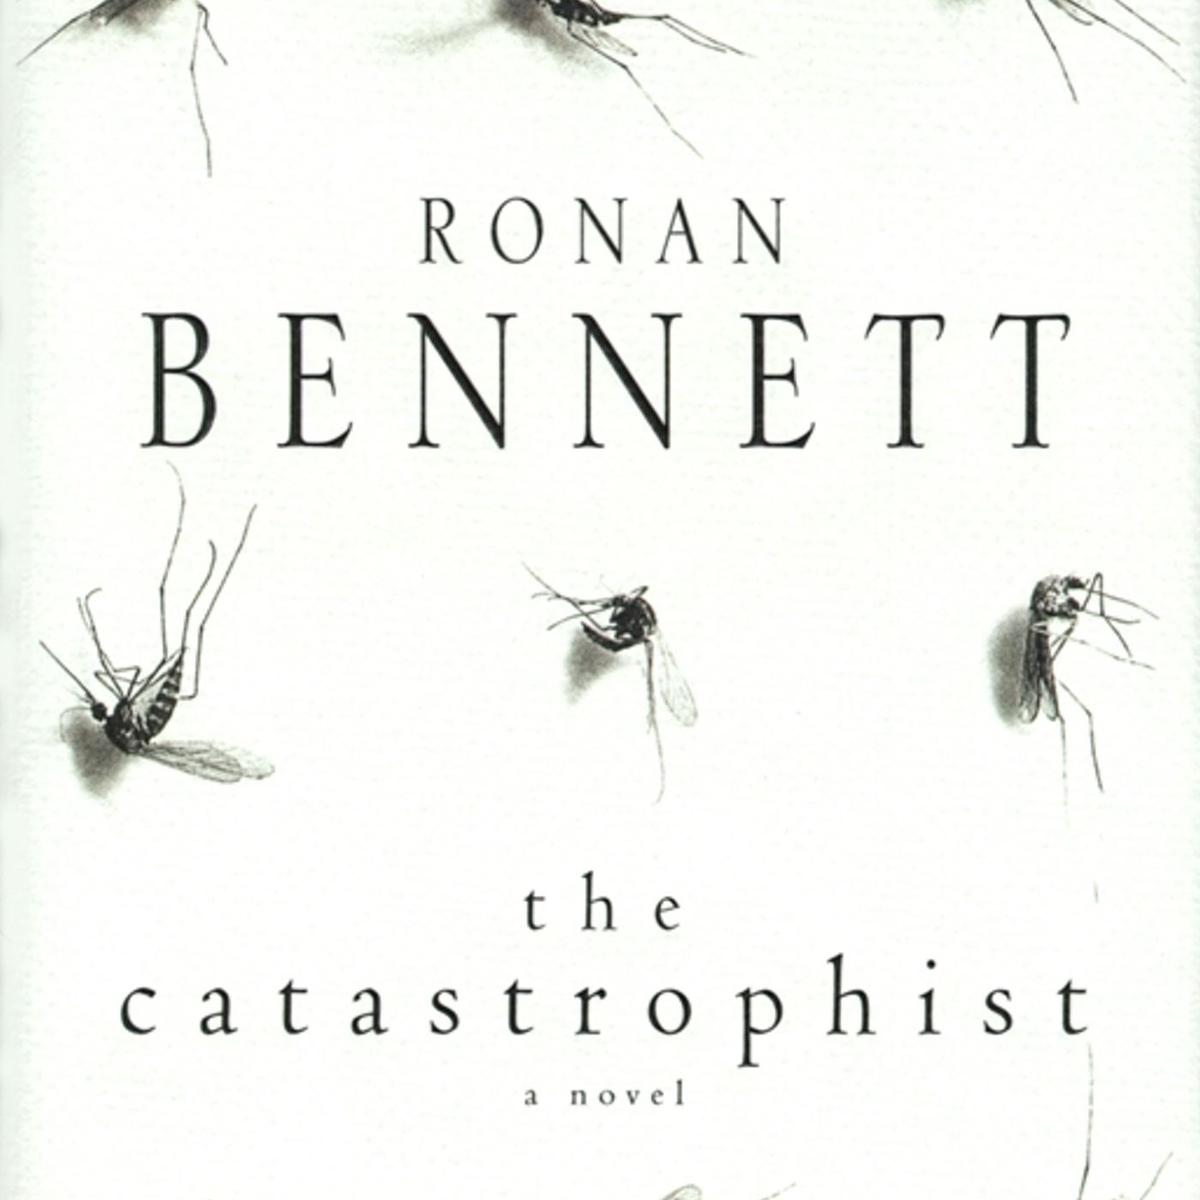 Ronan Bennett's